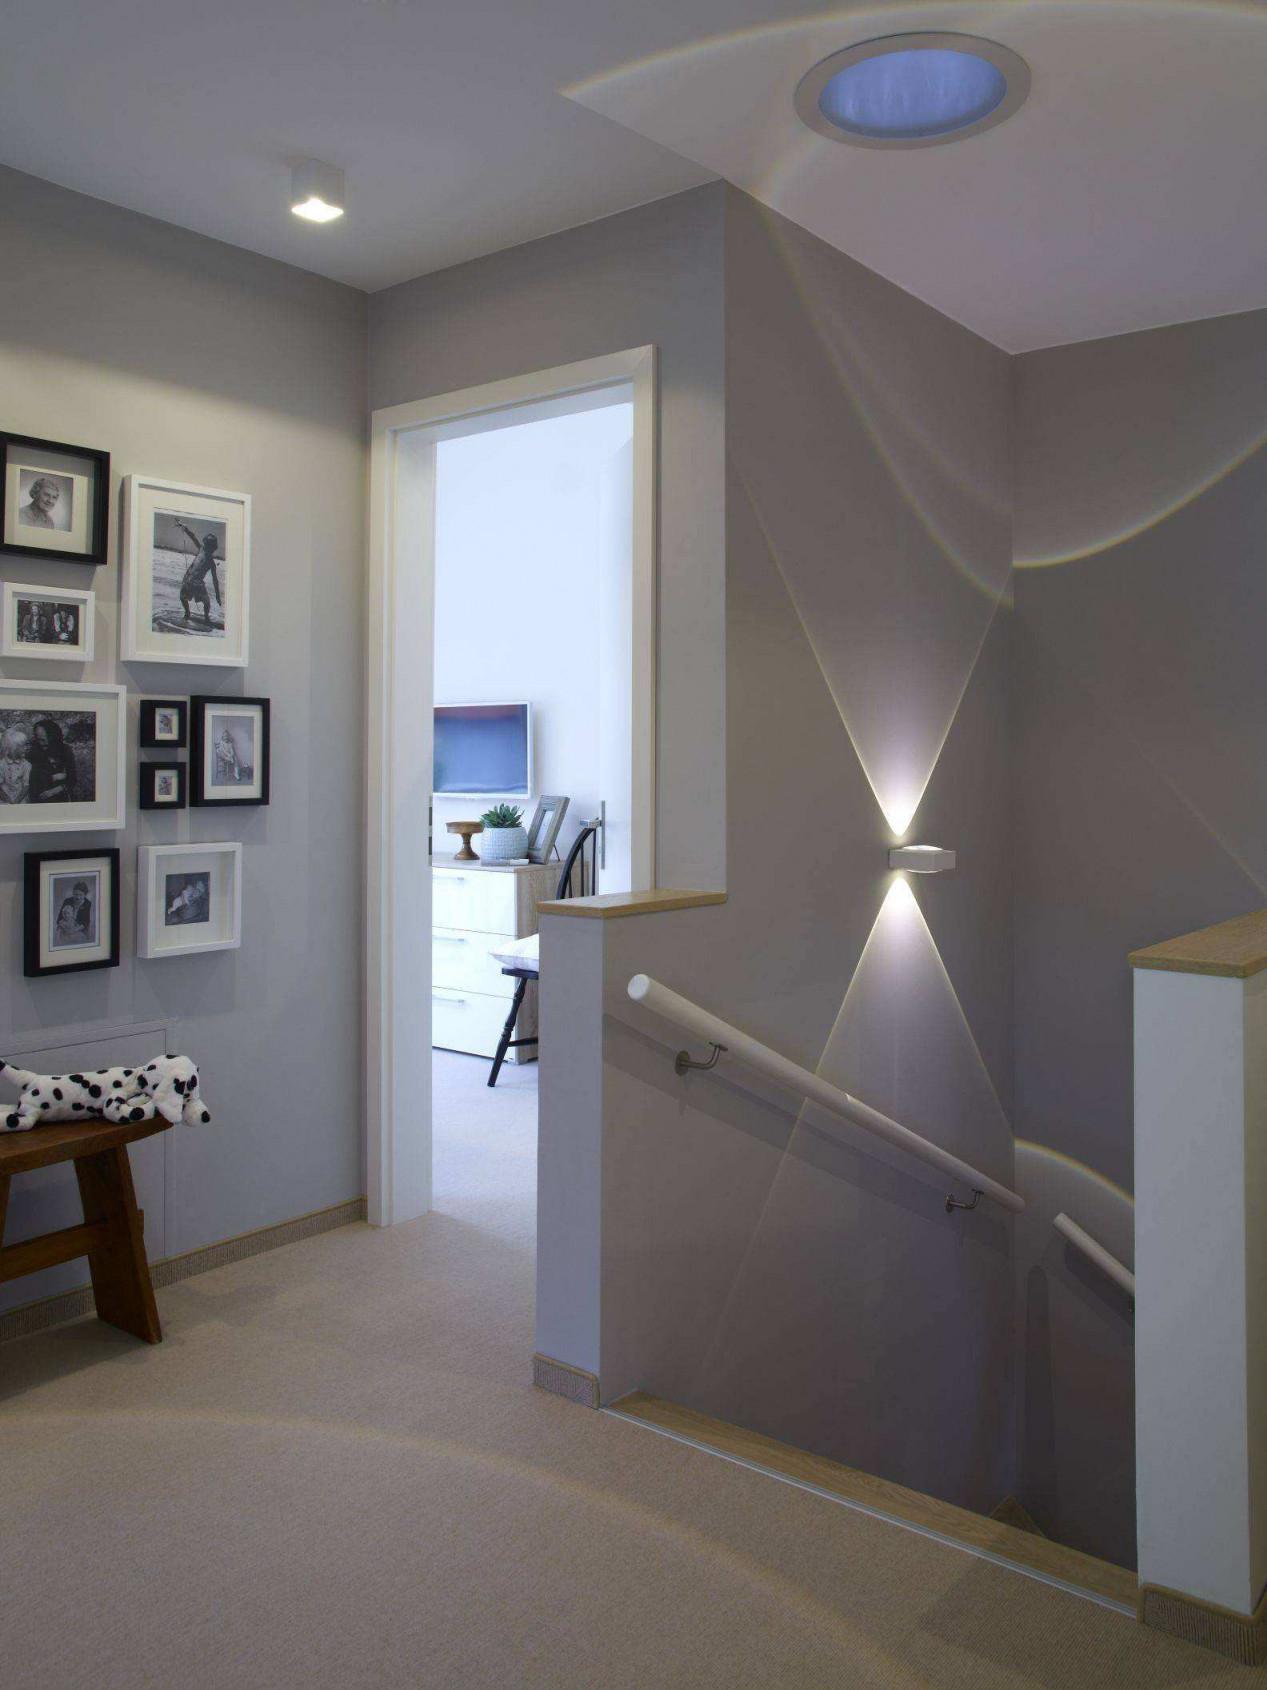 Kleine Wohnung Einrichten Ideen Elegant Einrichten Kleine von Kleine Wohnzimmer Elegant Einrichten Bild